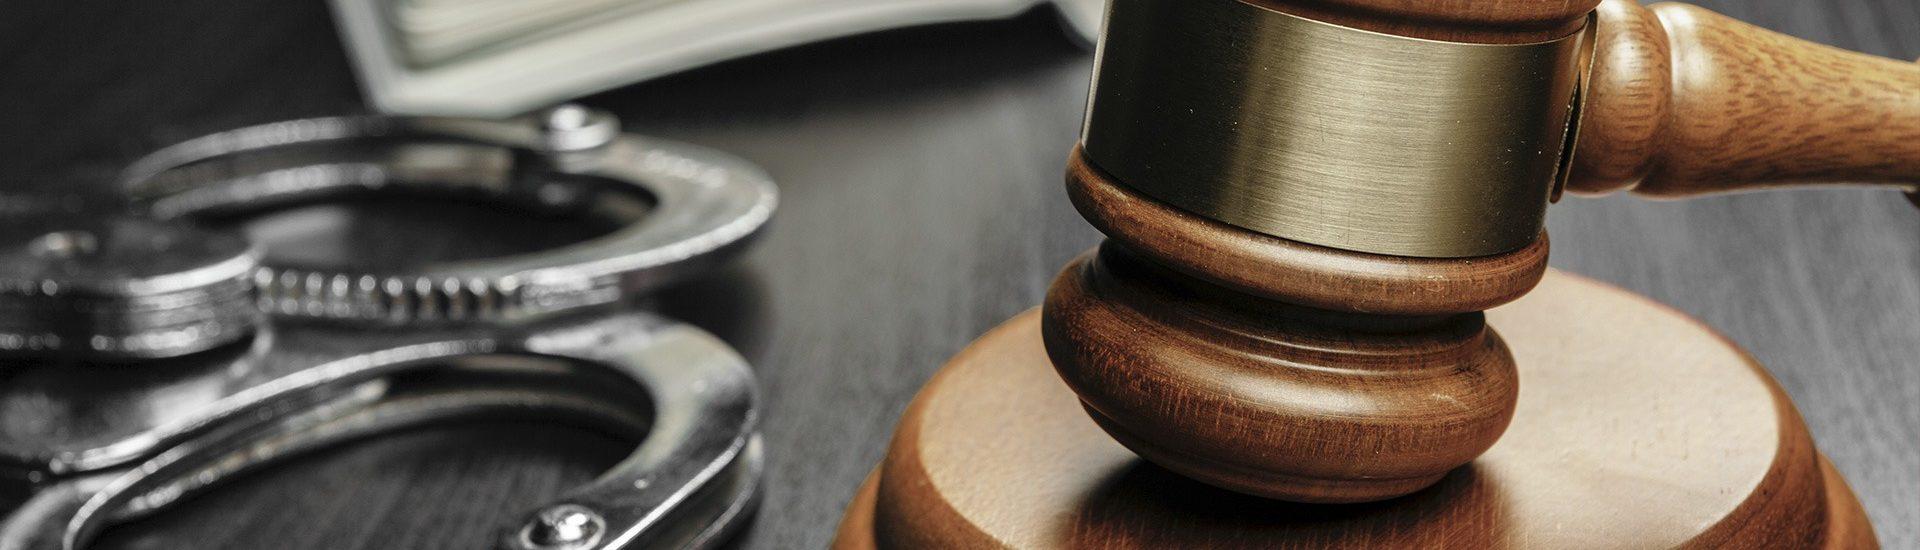 Escritório de Advocacia Criminal em Belo Horizonte/MG referência em assessoria e consultoria jurídica.